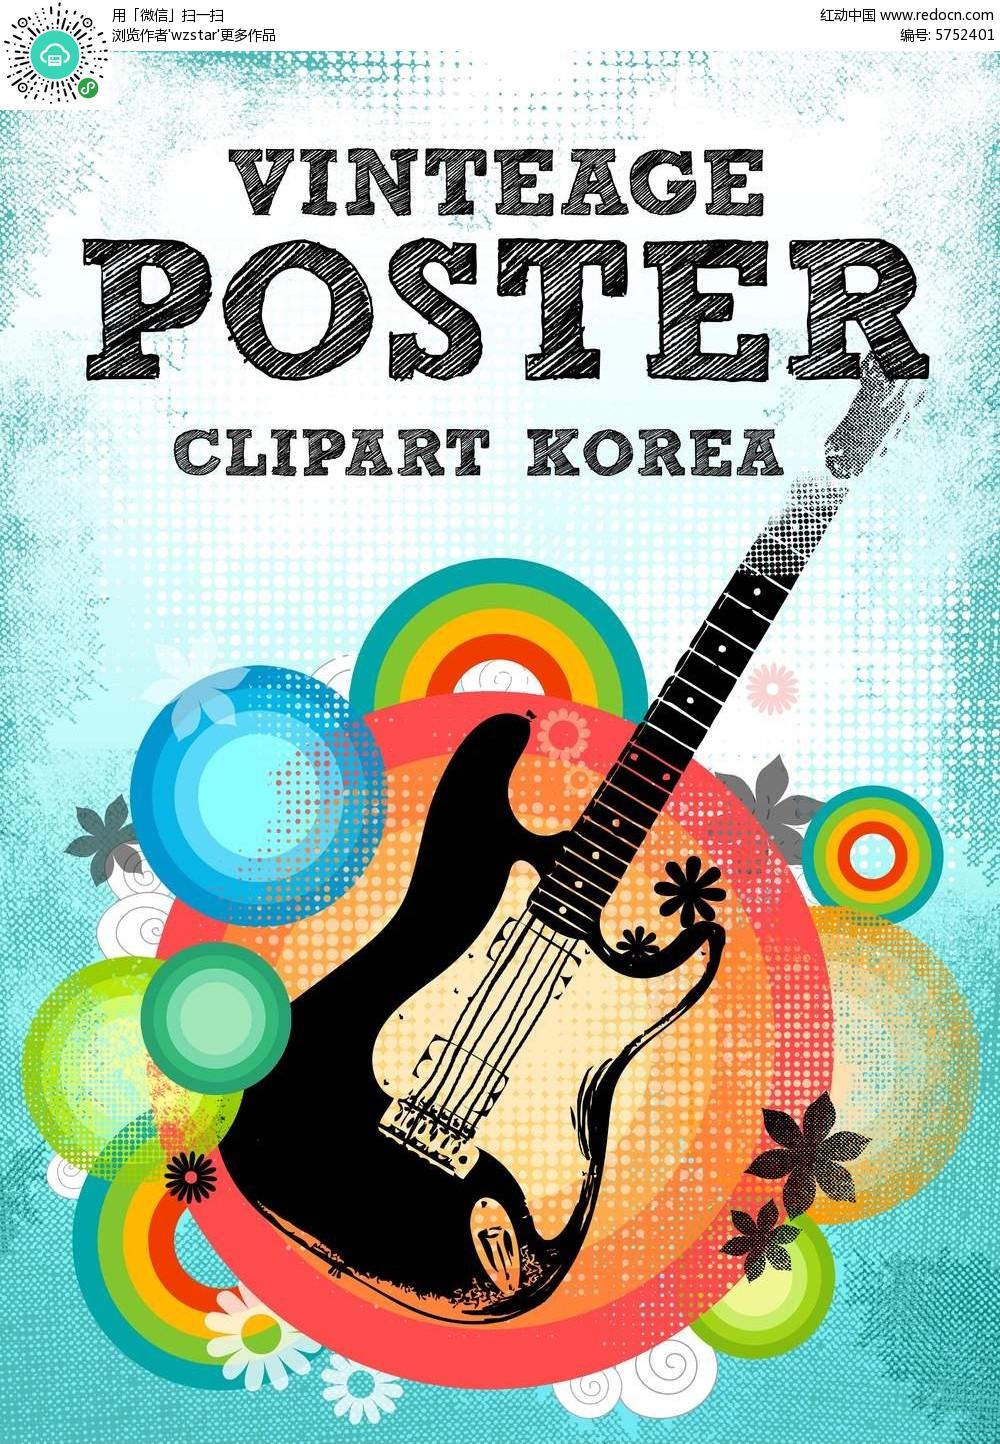 电吉他手绘海报